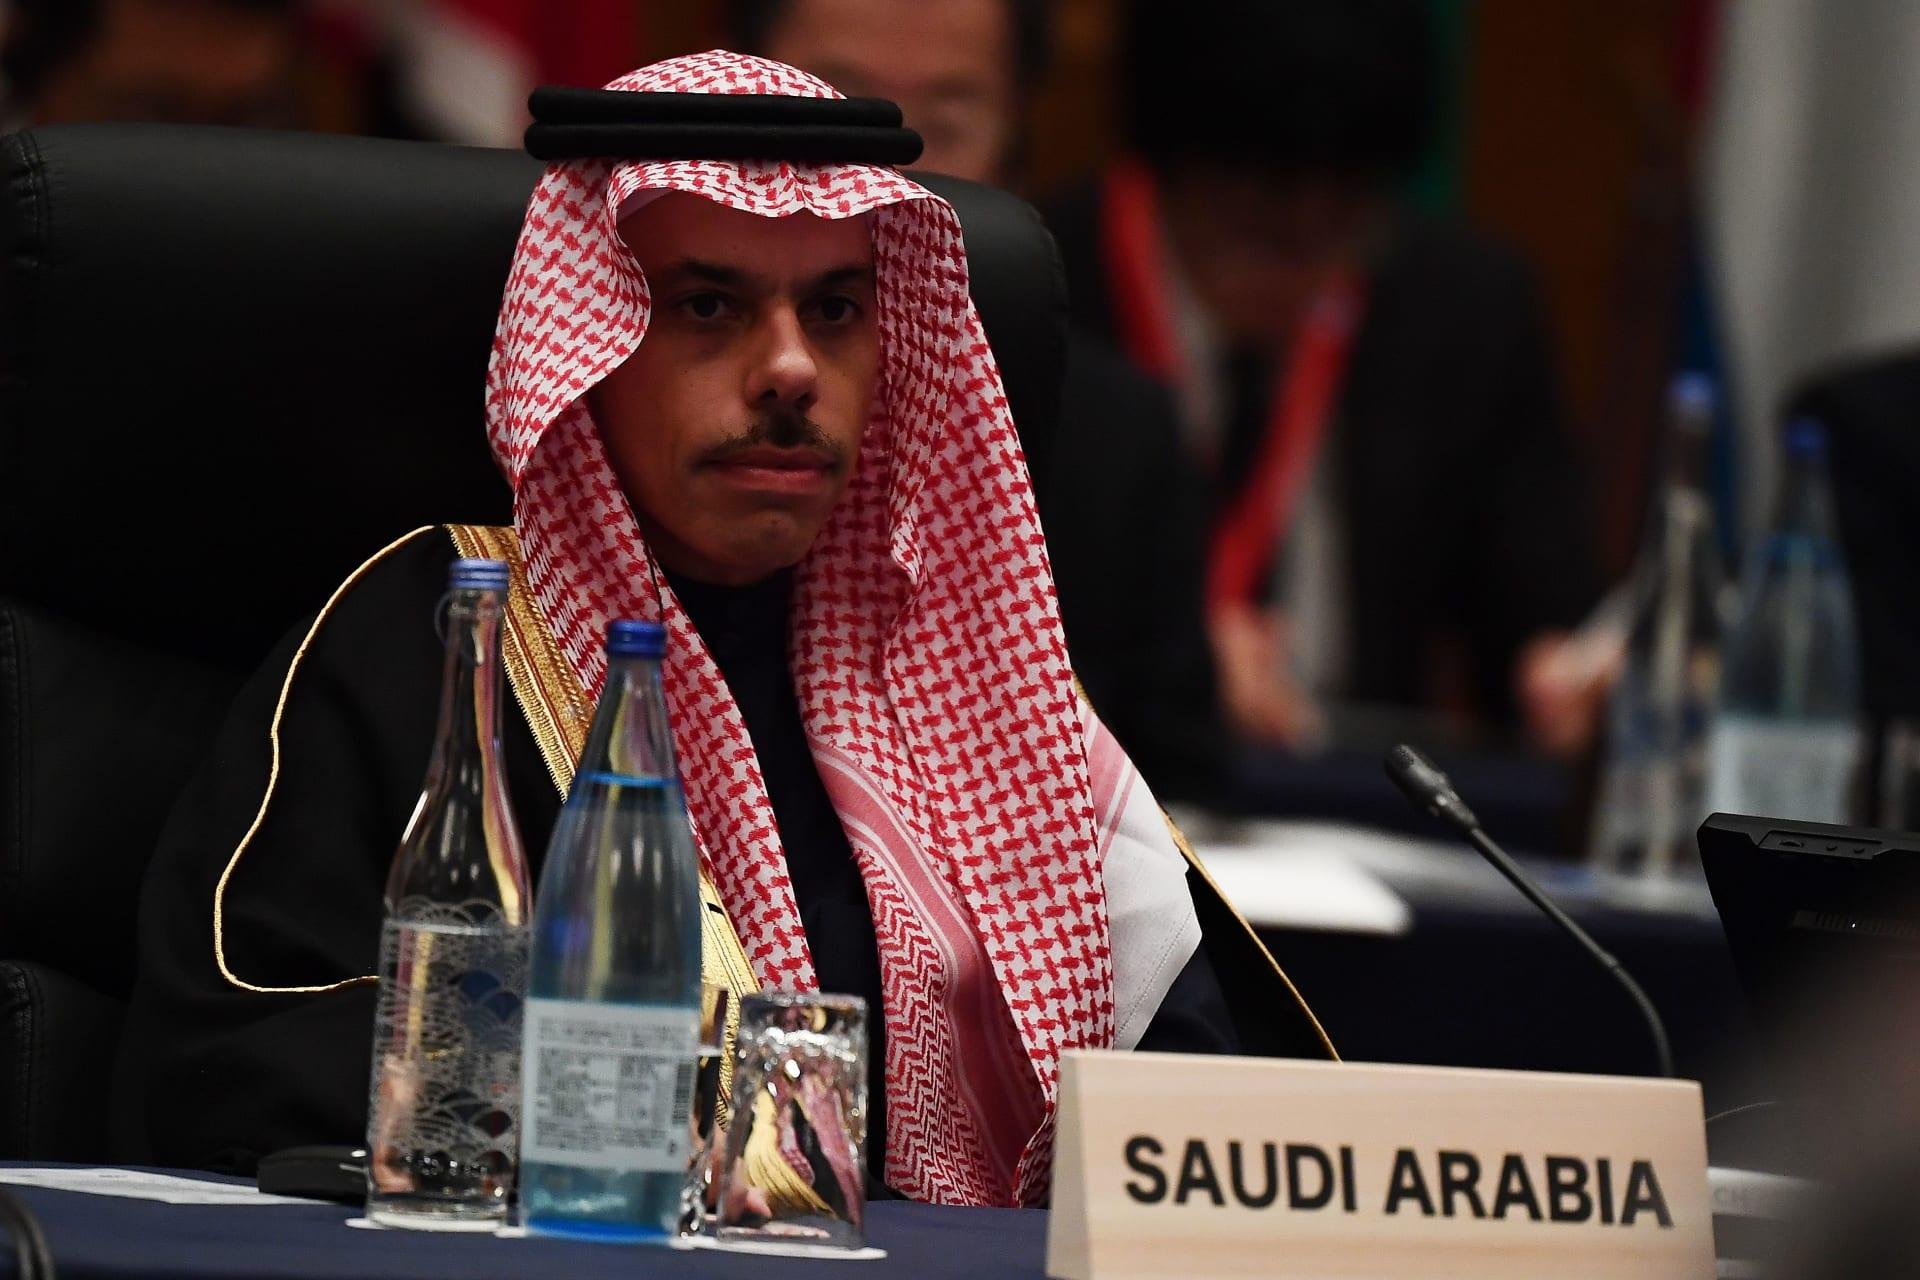 وزير الخارجية السعودي: جهود المفاوضات بشأن أزمة قطر مٌستمرة.. وإيران تُهدد الجميع